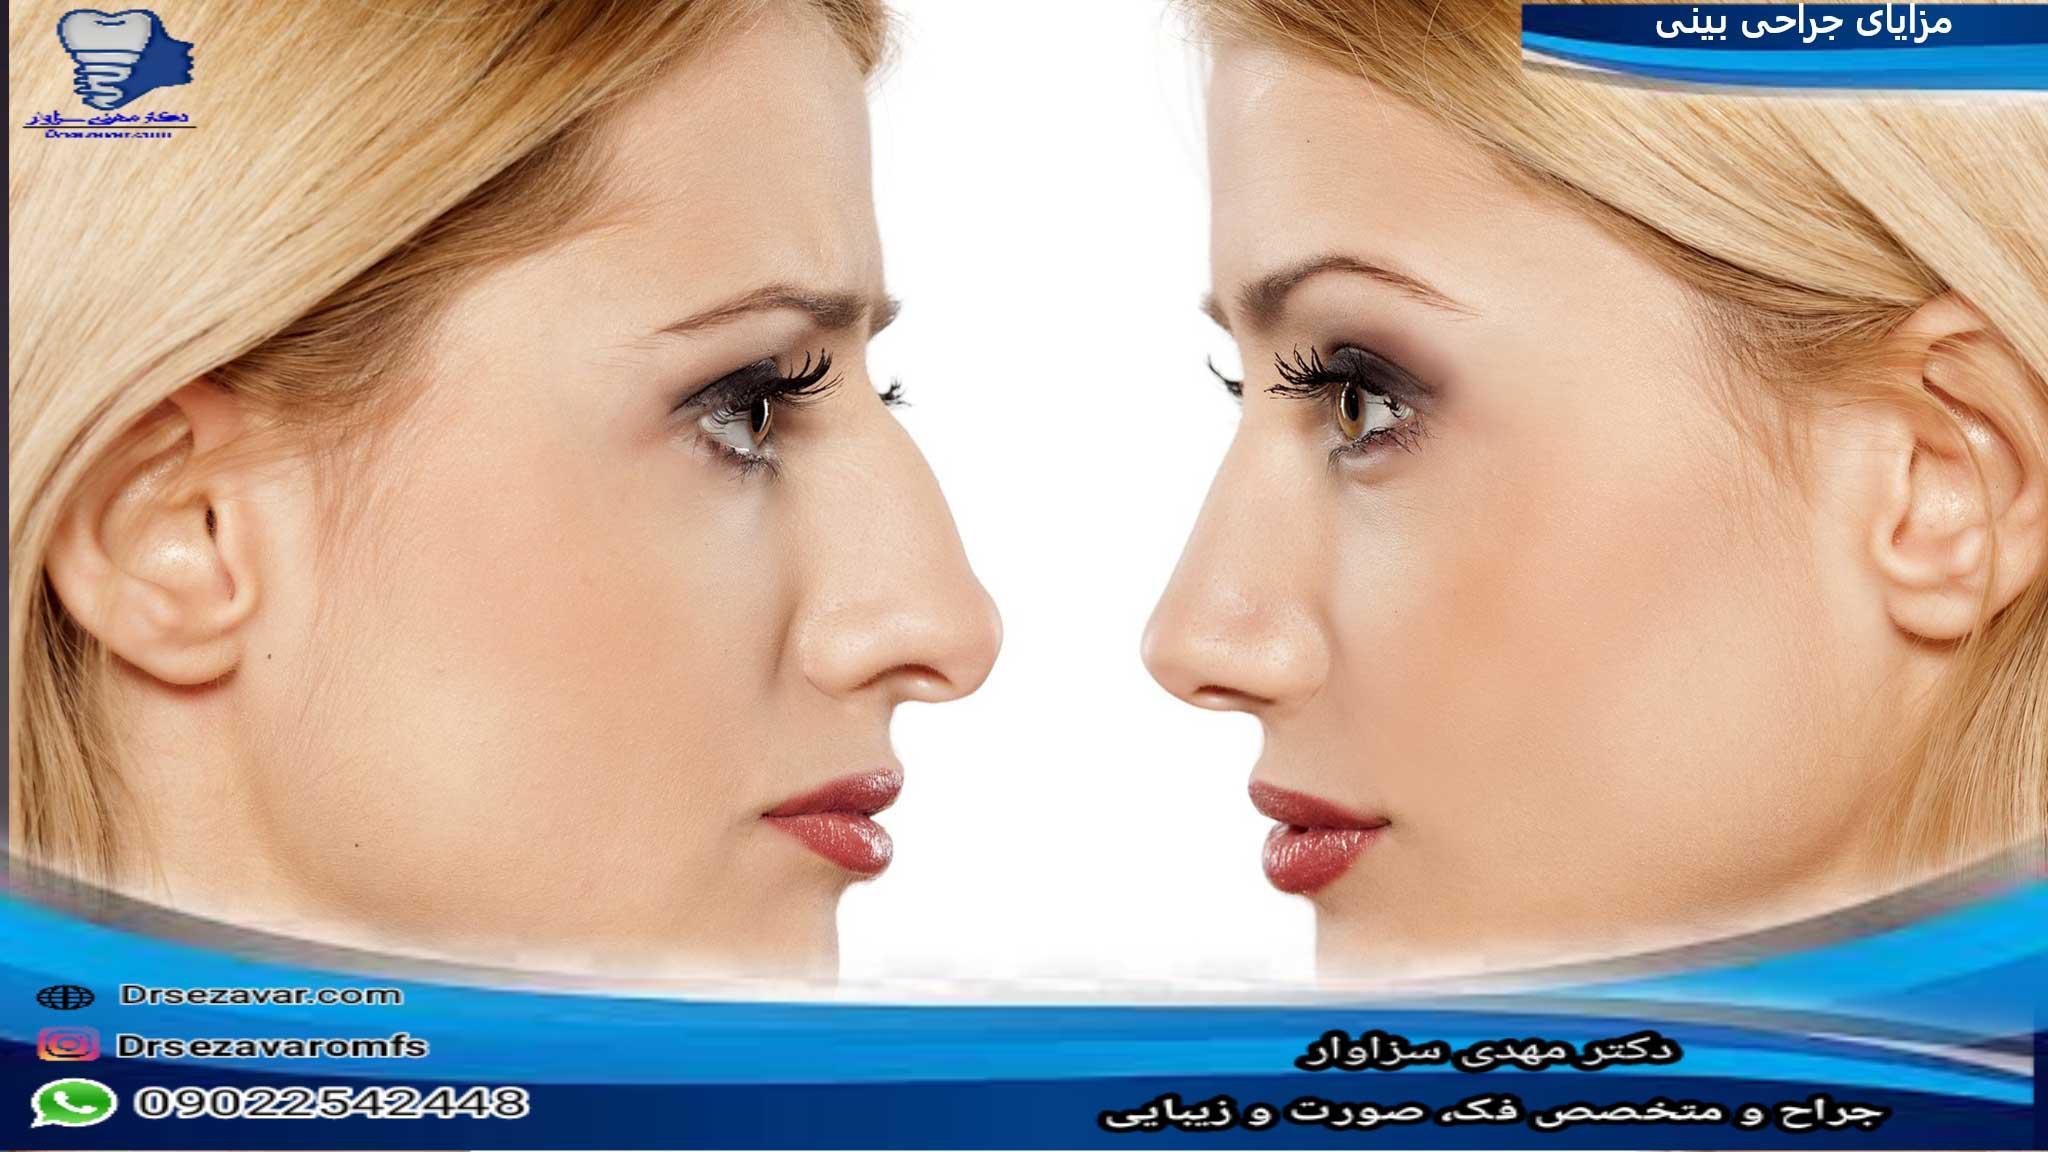 مزایای جراحی زیبایی بینی